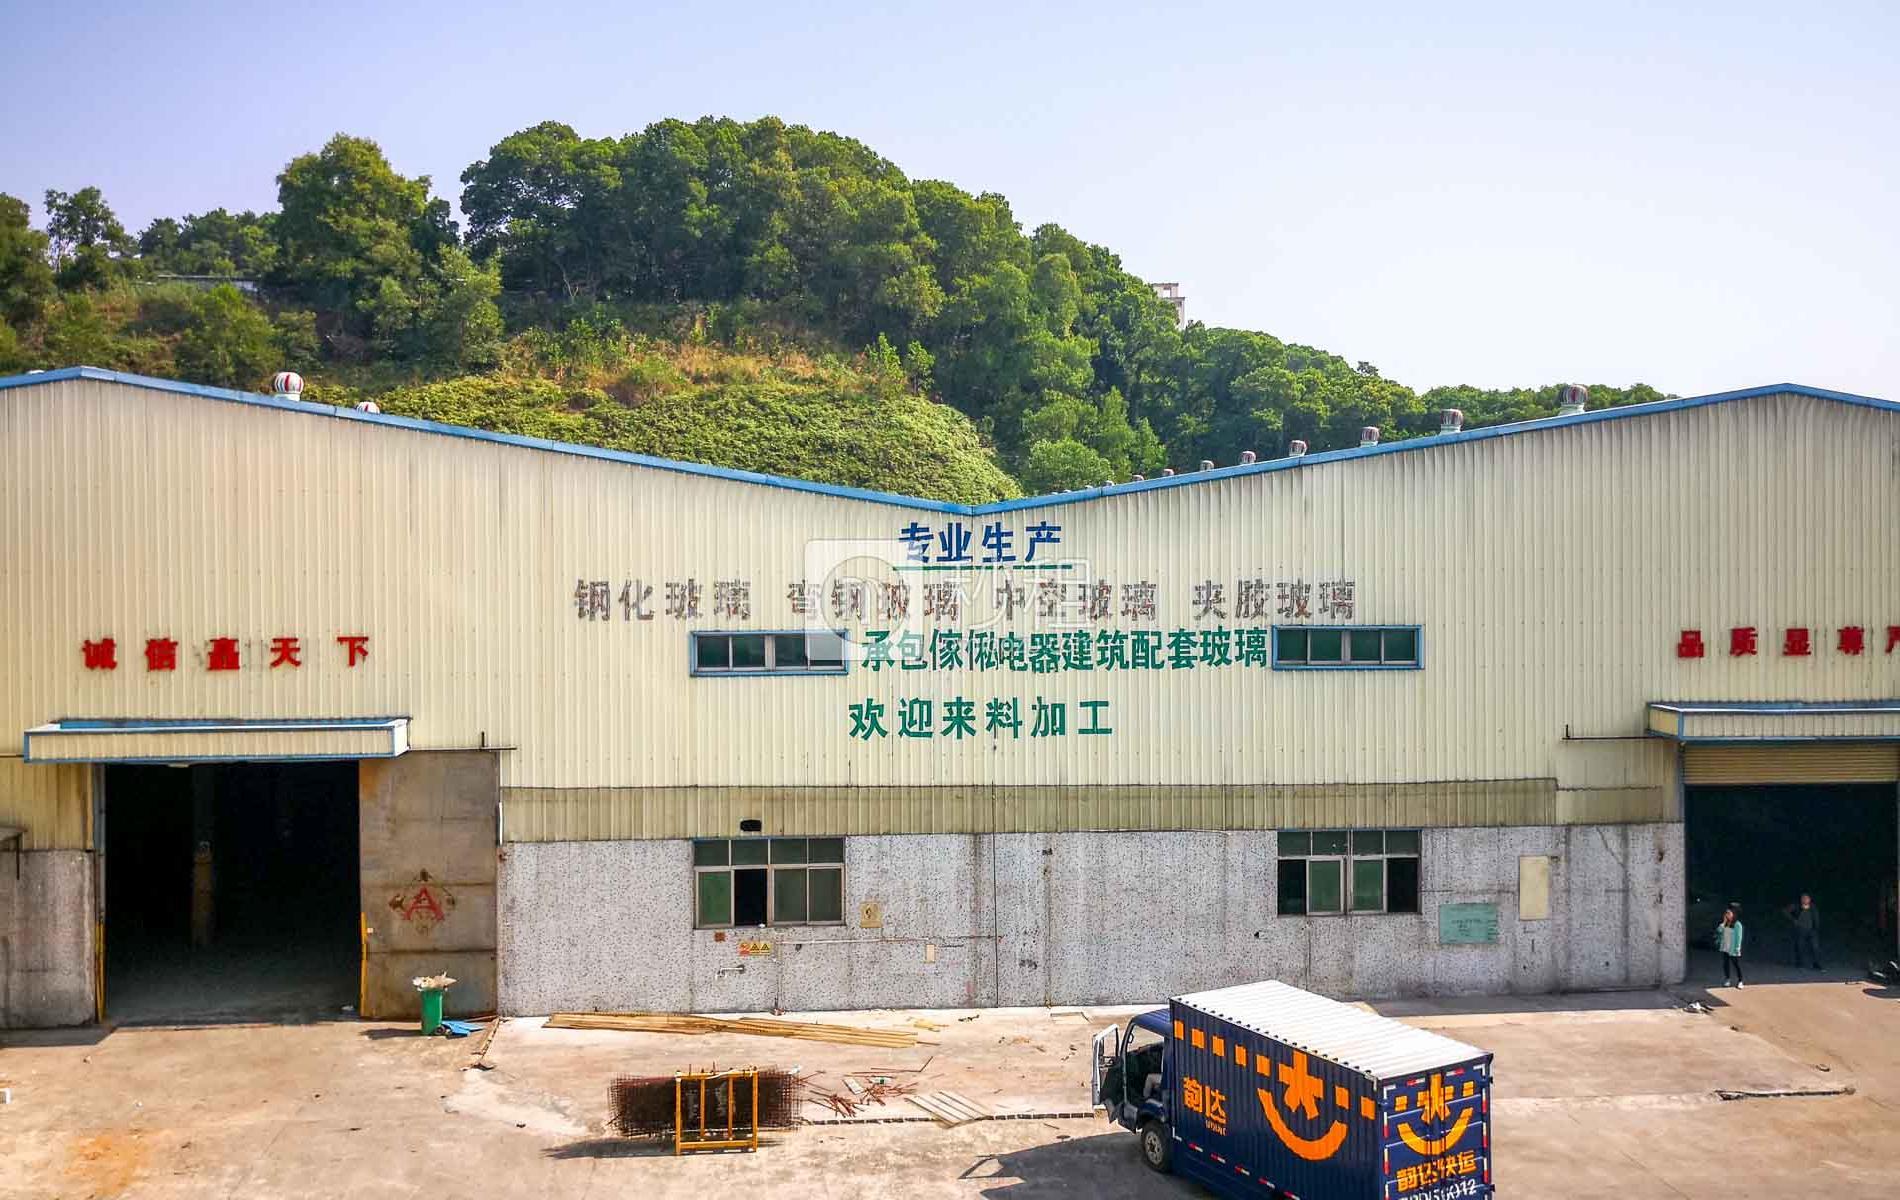 吉明玻璃厂写字楼出租/招租/租赁,吉明玻璃厂办公室出租/招租/租赁